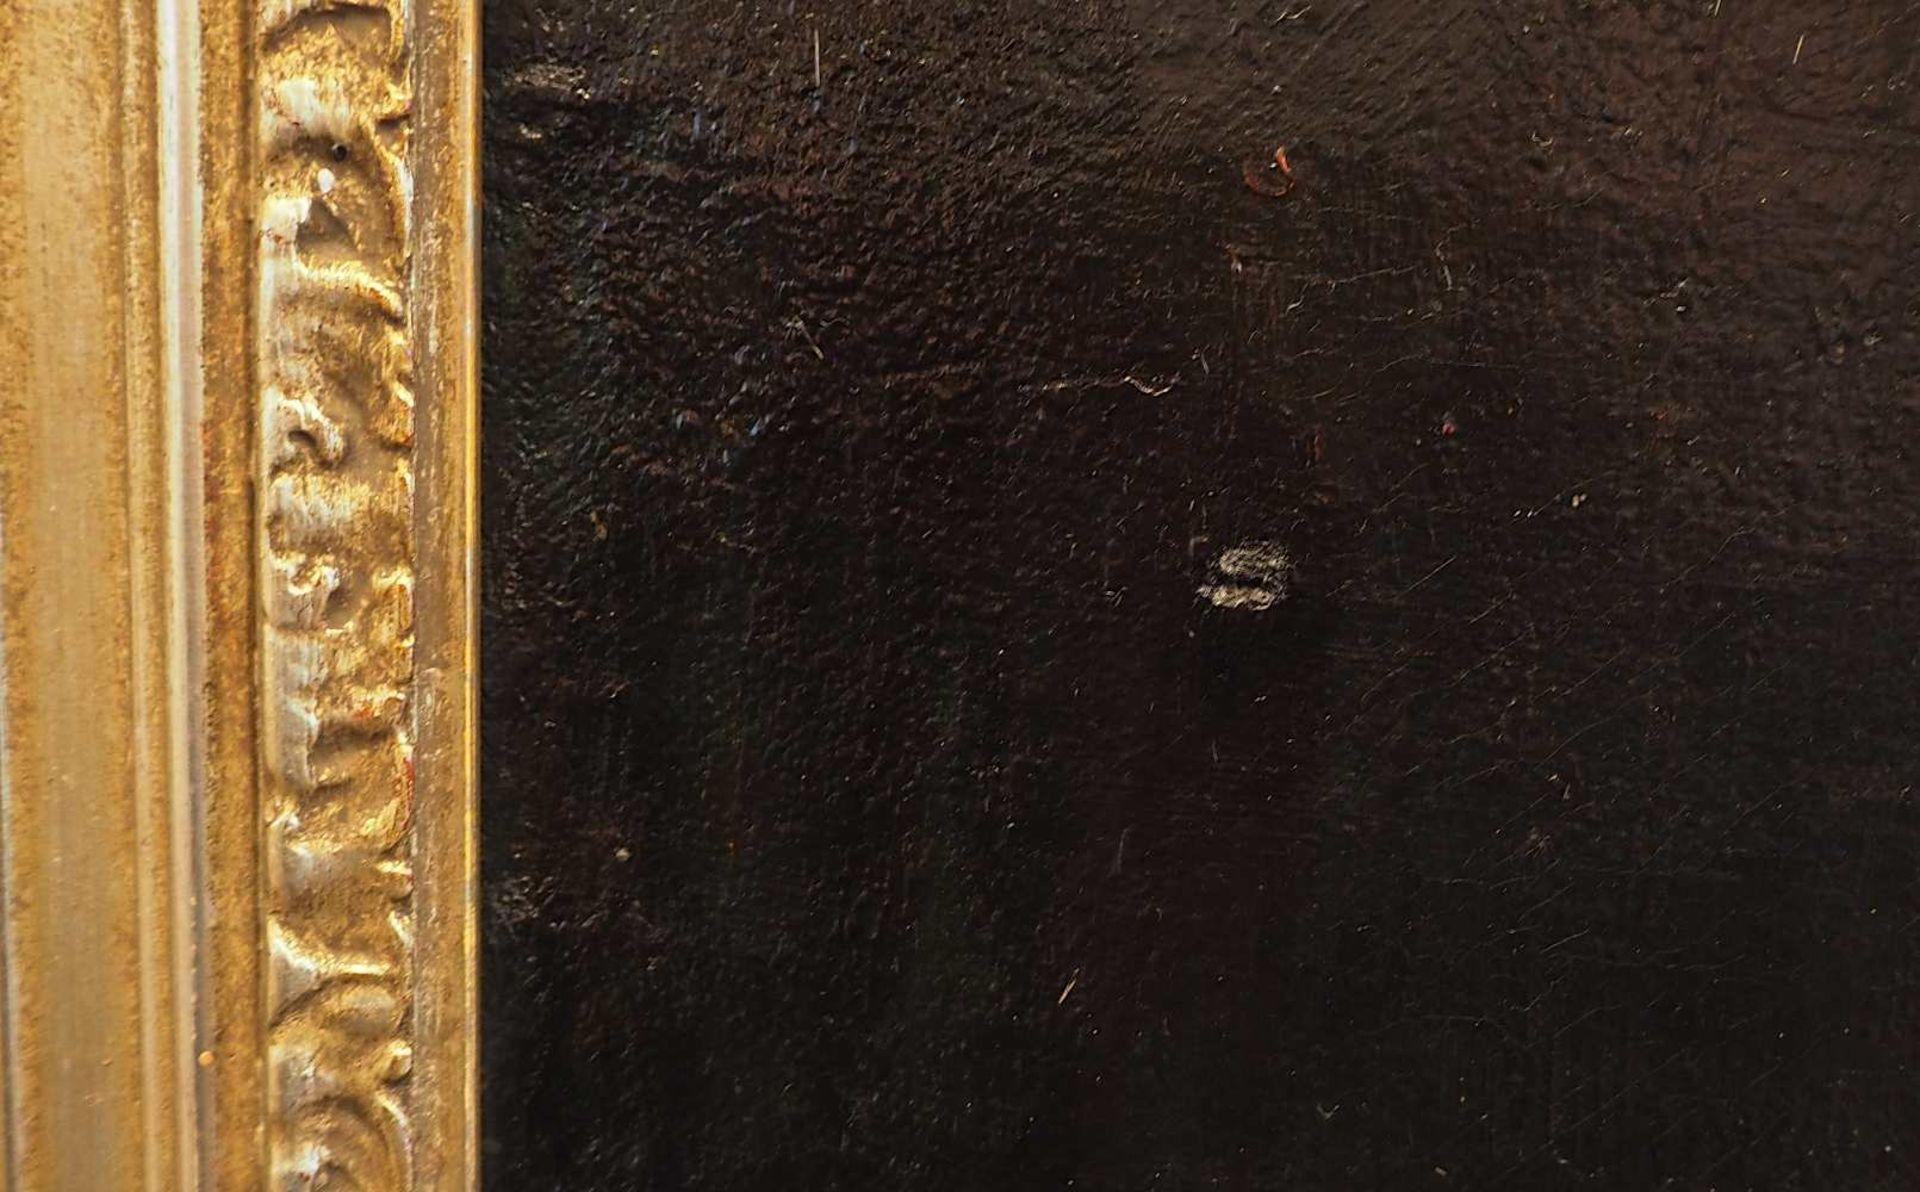 """1 Ölgemälde R.u. sign. IVERSEN (wohl Helene I. 1870 bis ca. 1930), """"Stillleben mit Apfelblüte - Bild 7 aus 8"""